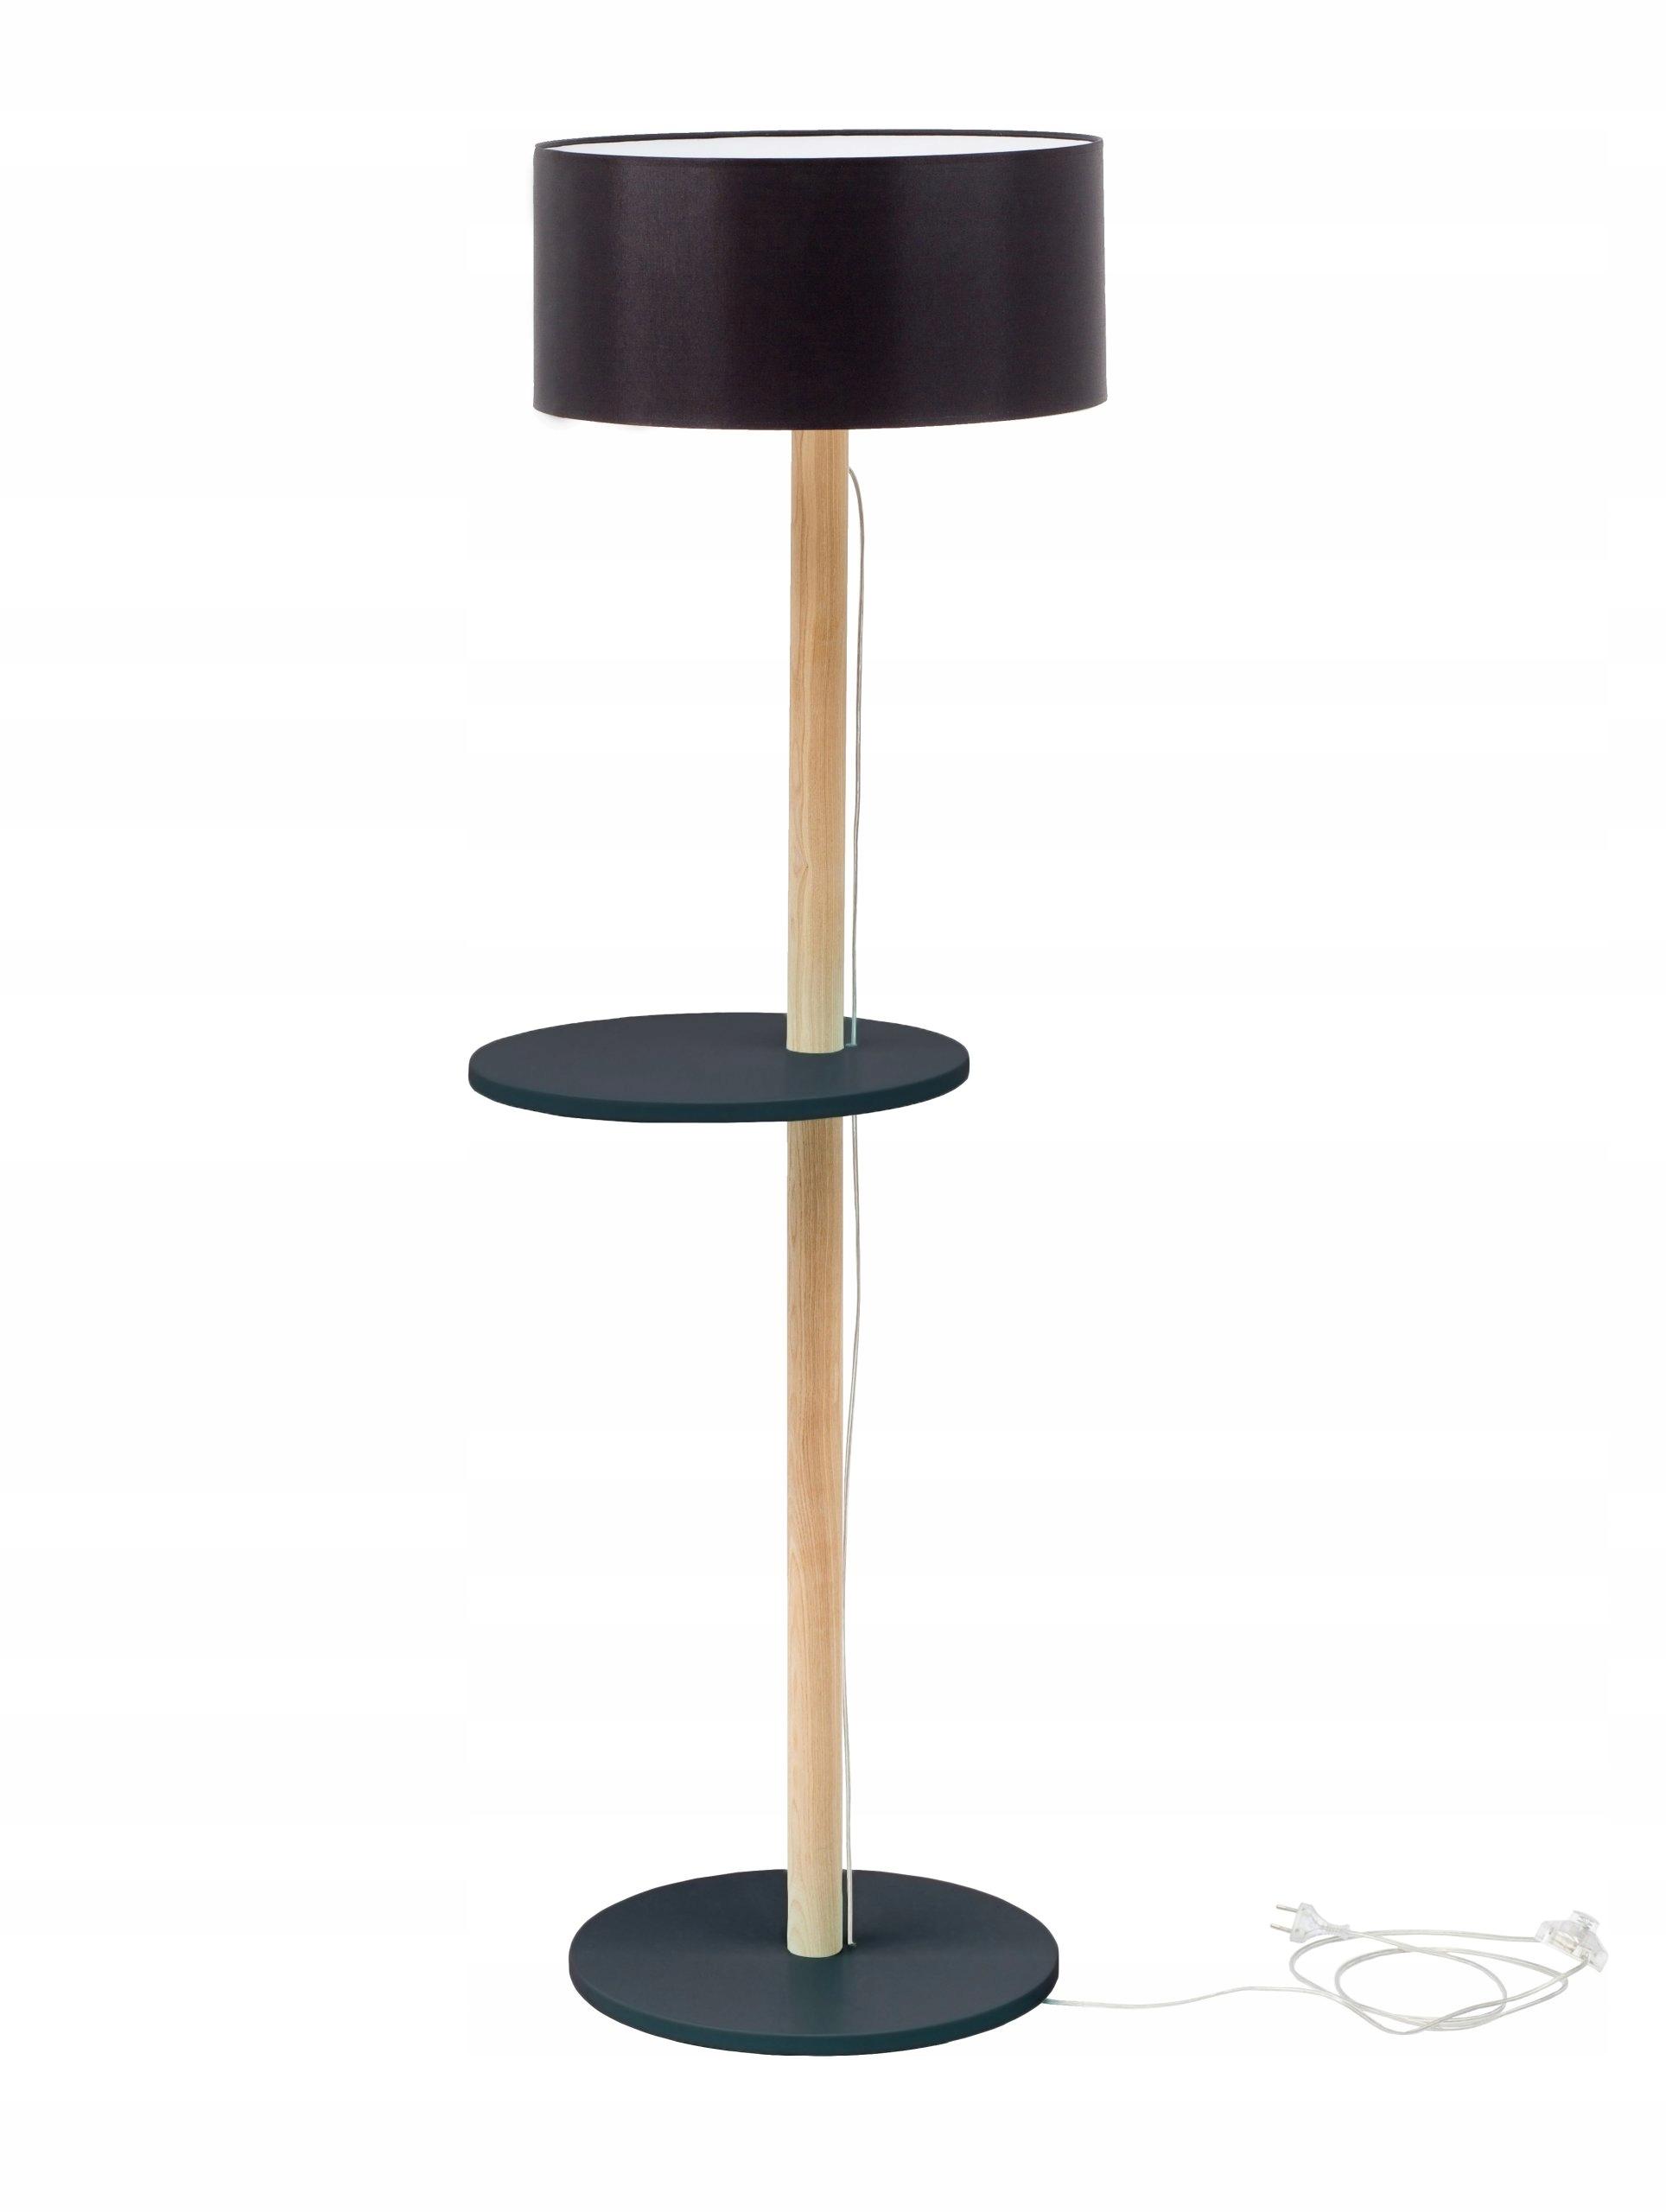 Oświetlenie Jak Prl Lampa Stojąca Do Salonu Stolik 6985899509